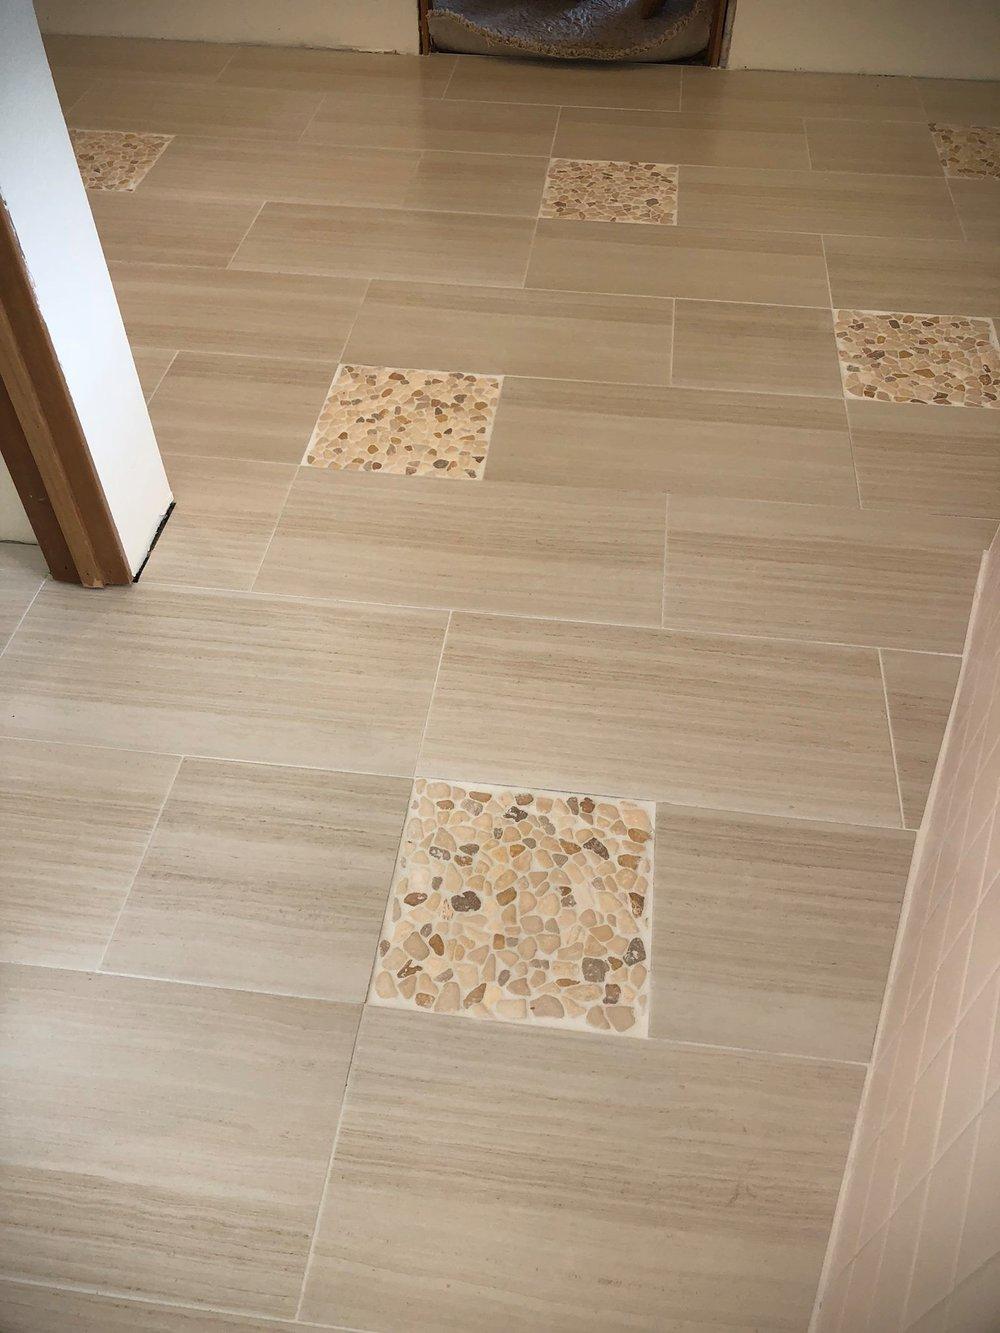 edmonds floor.jpg